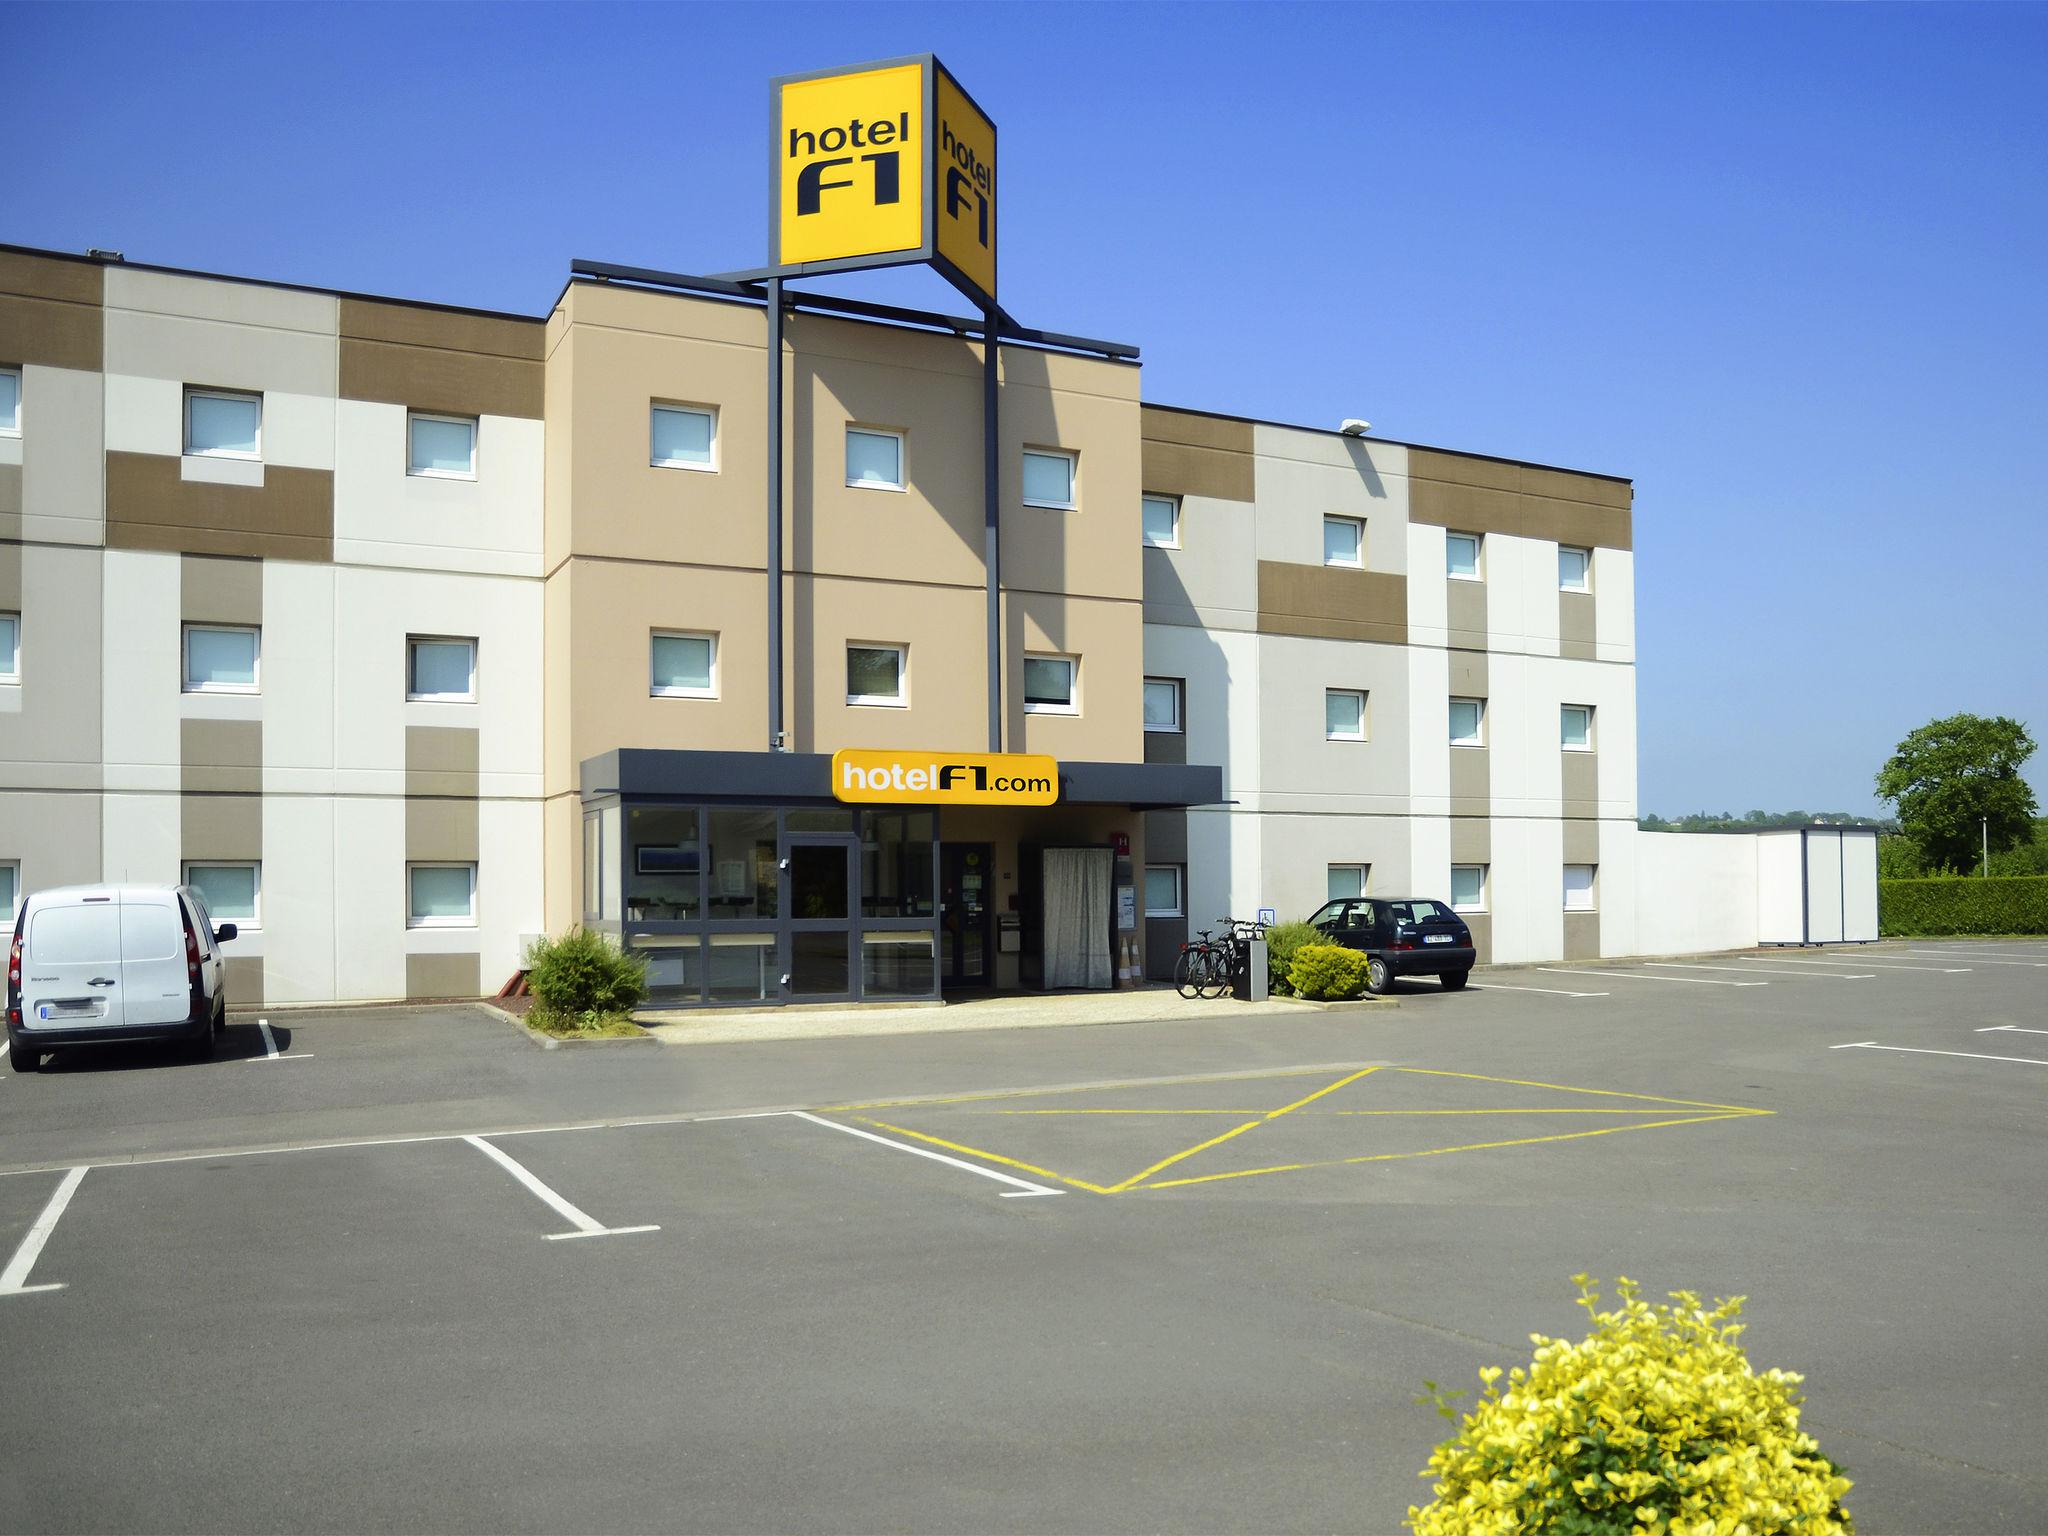 โรงแรม – hotelF1 Avranches Baie du Mont-Saint-Michel